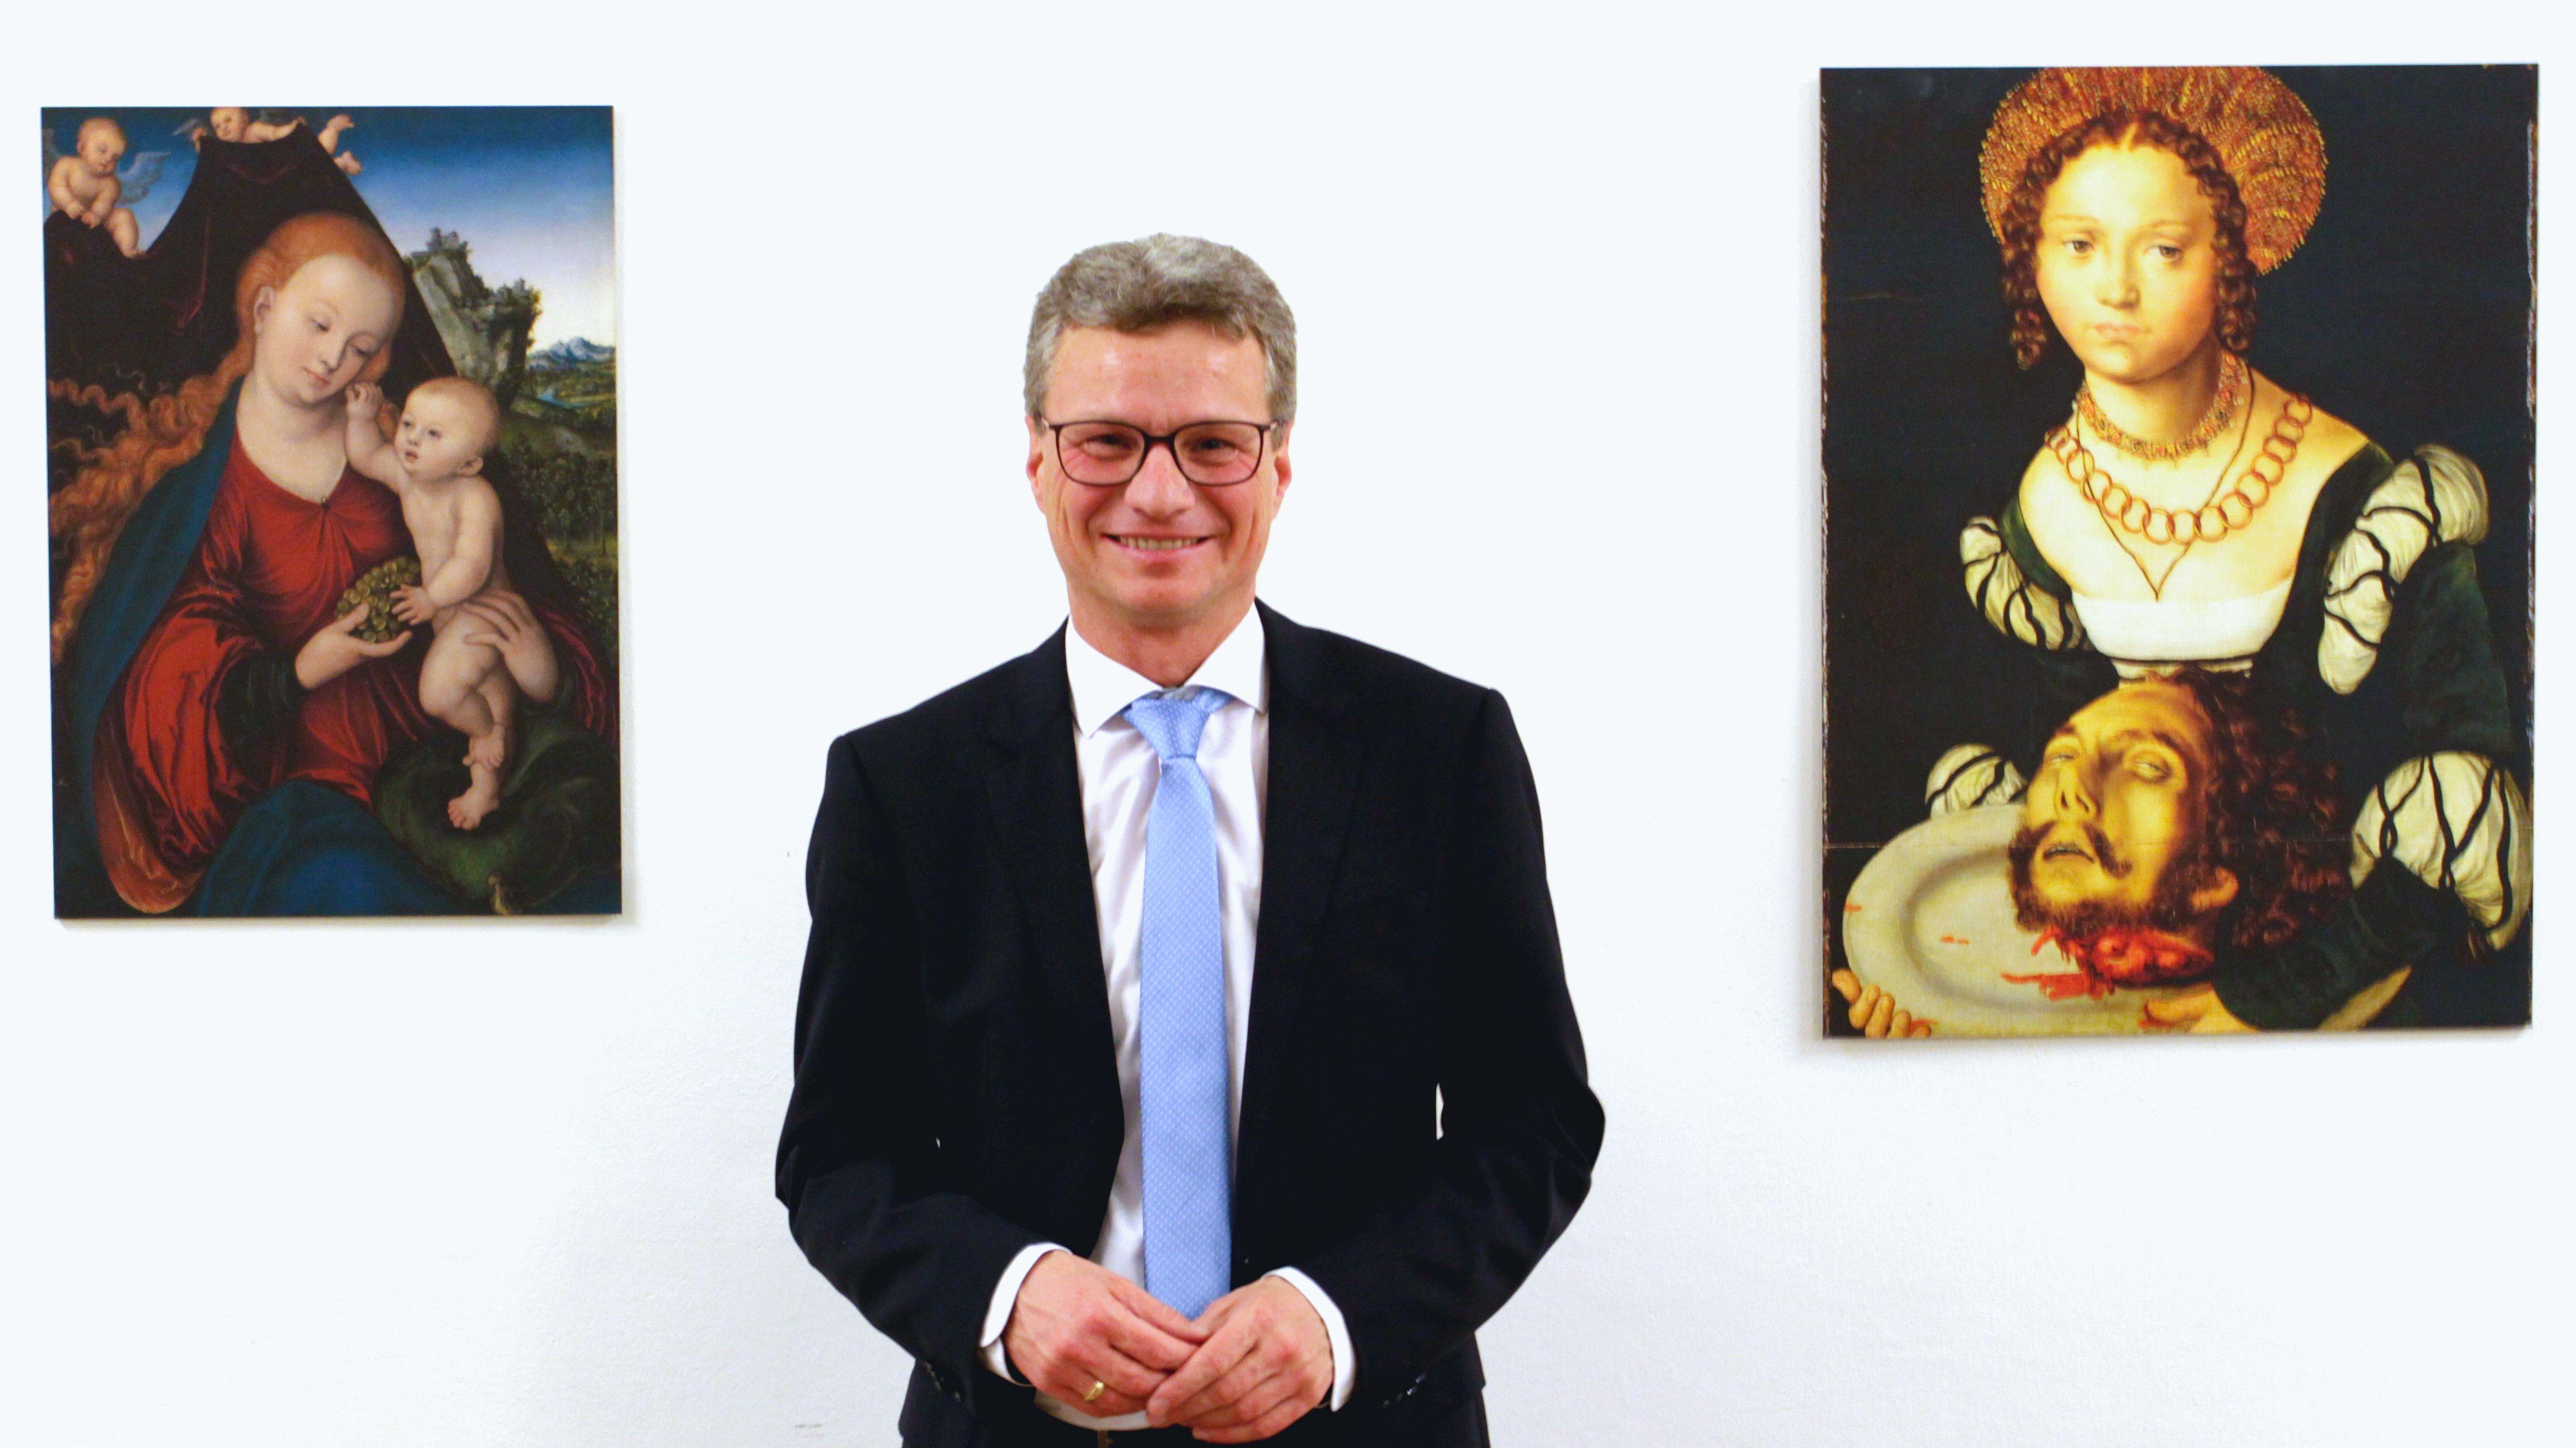 Kunstminister Bernd Sibler mit den beiden Cranach-Werken, die ab März in Kronach zu sehen sein sollen.